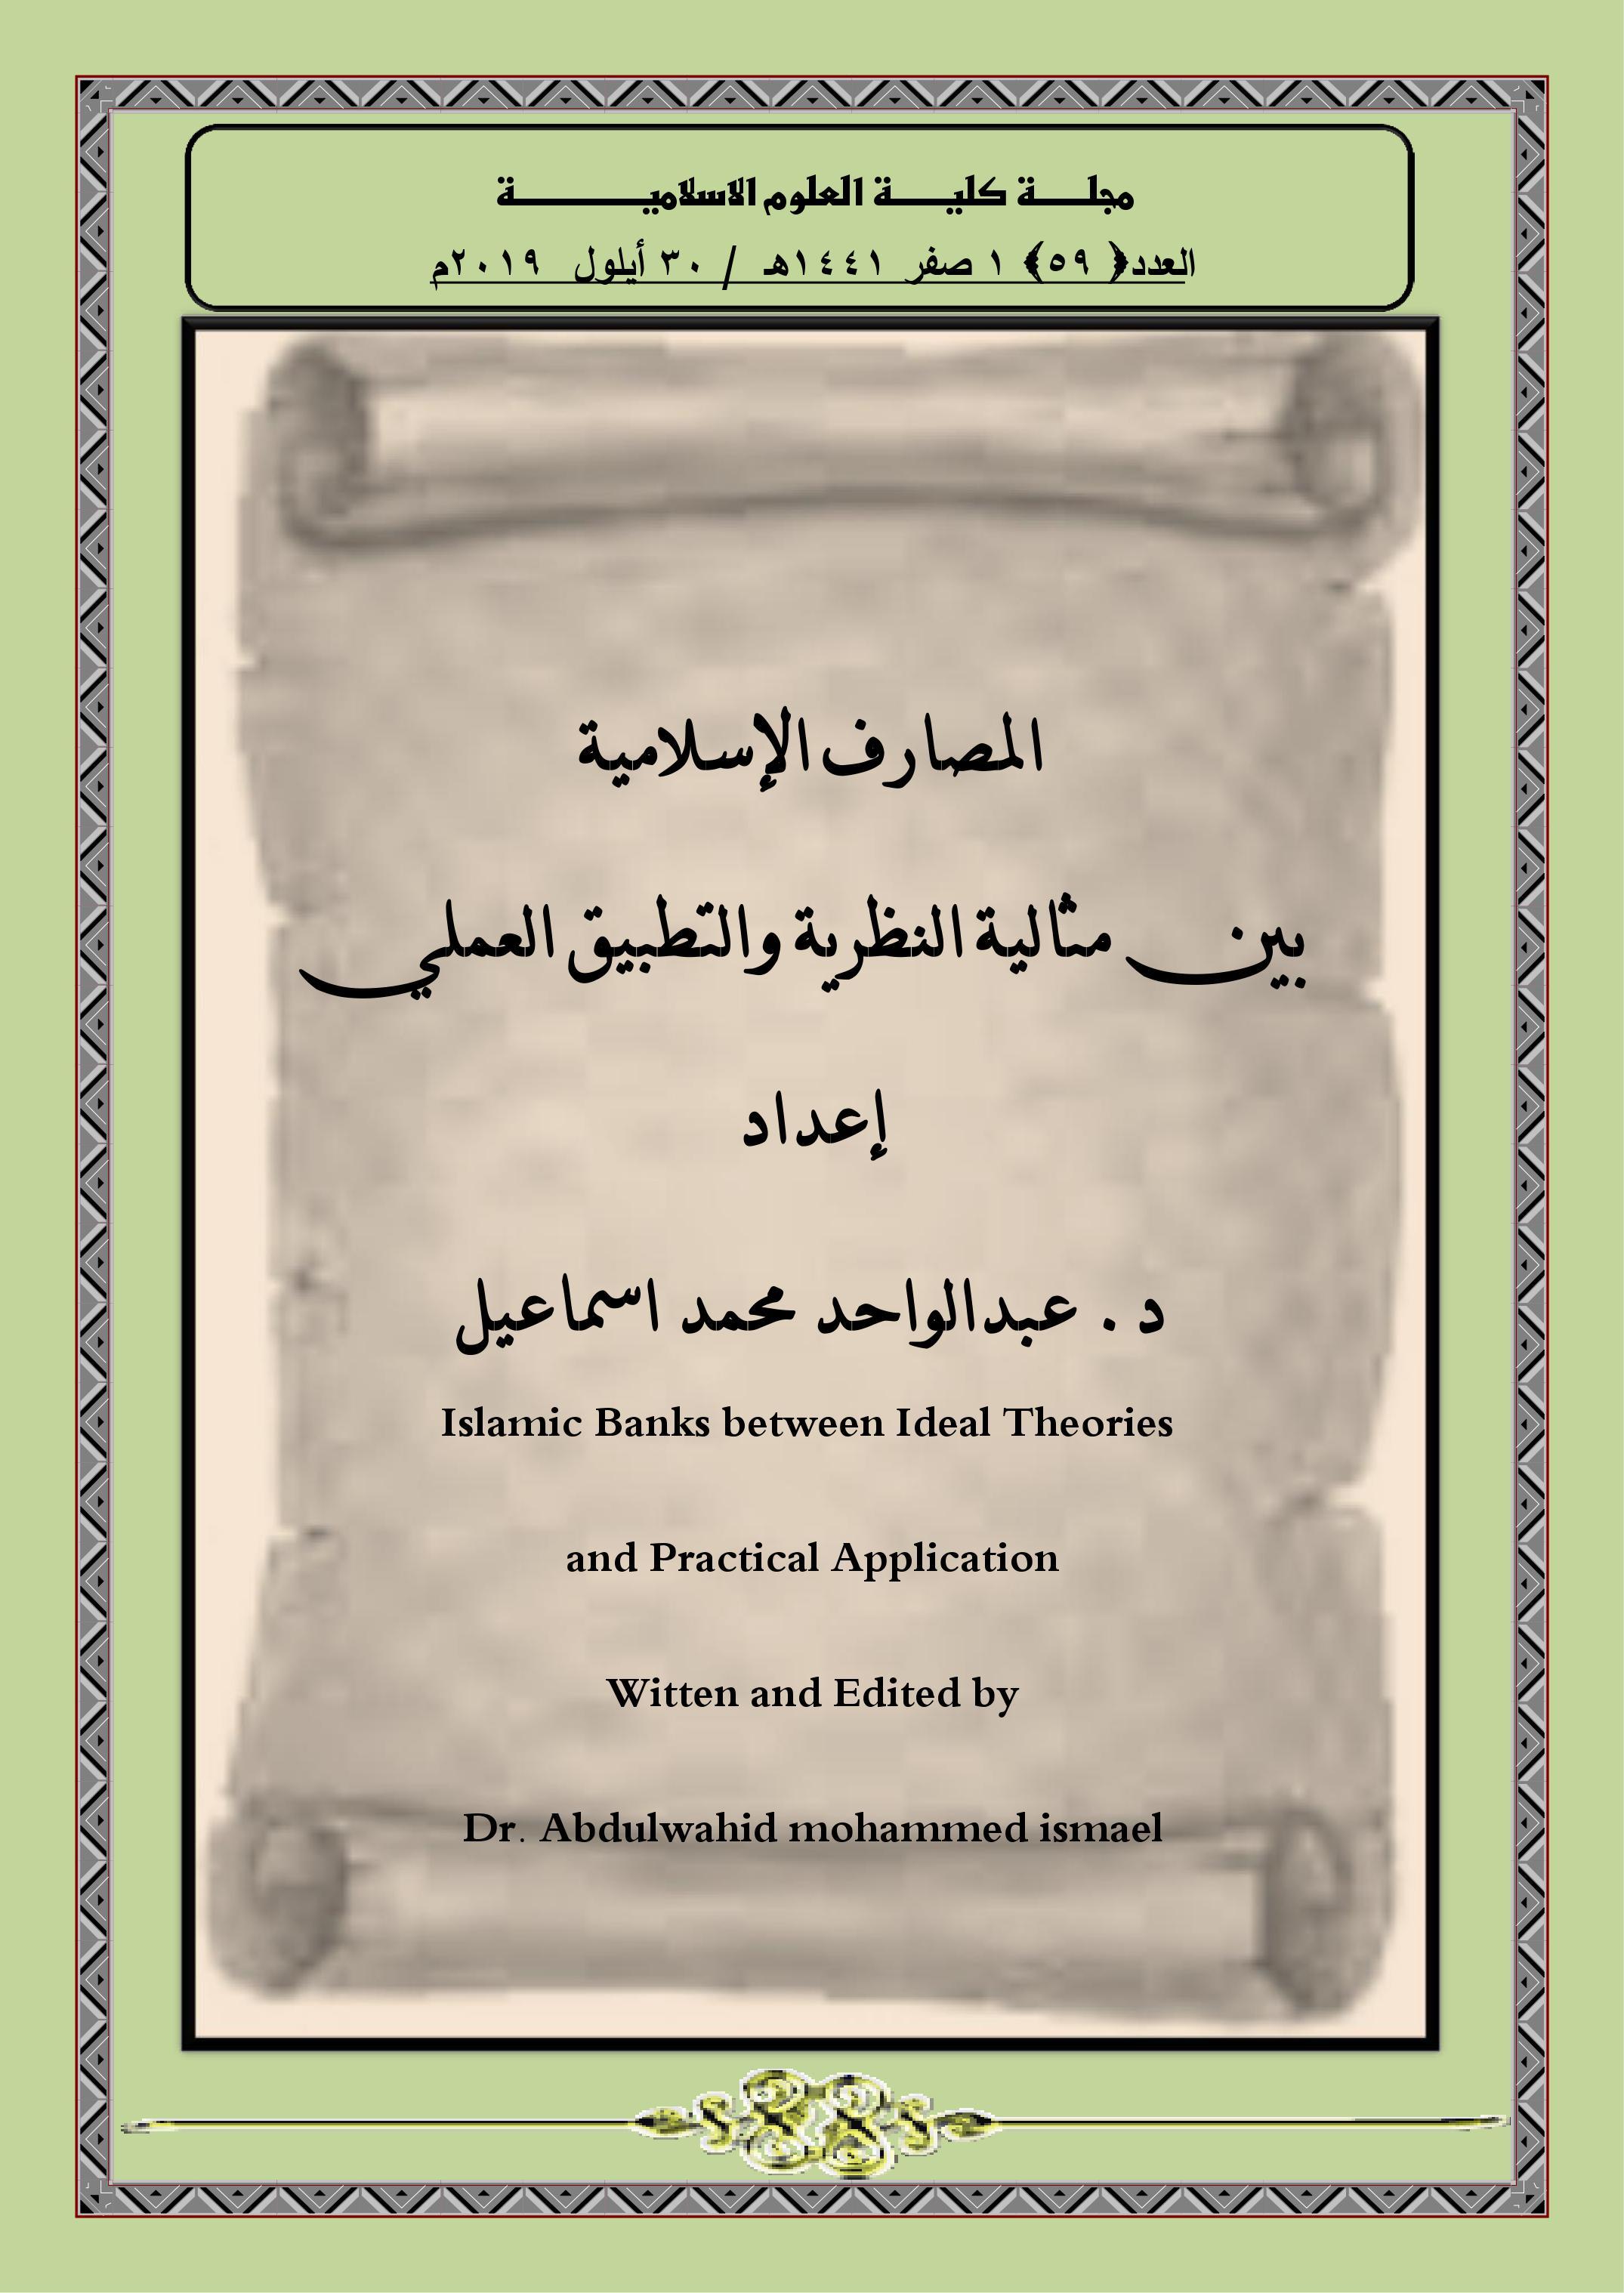 المصارف الإسلامية  بين مثالية النظرية والتطبيق العملي